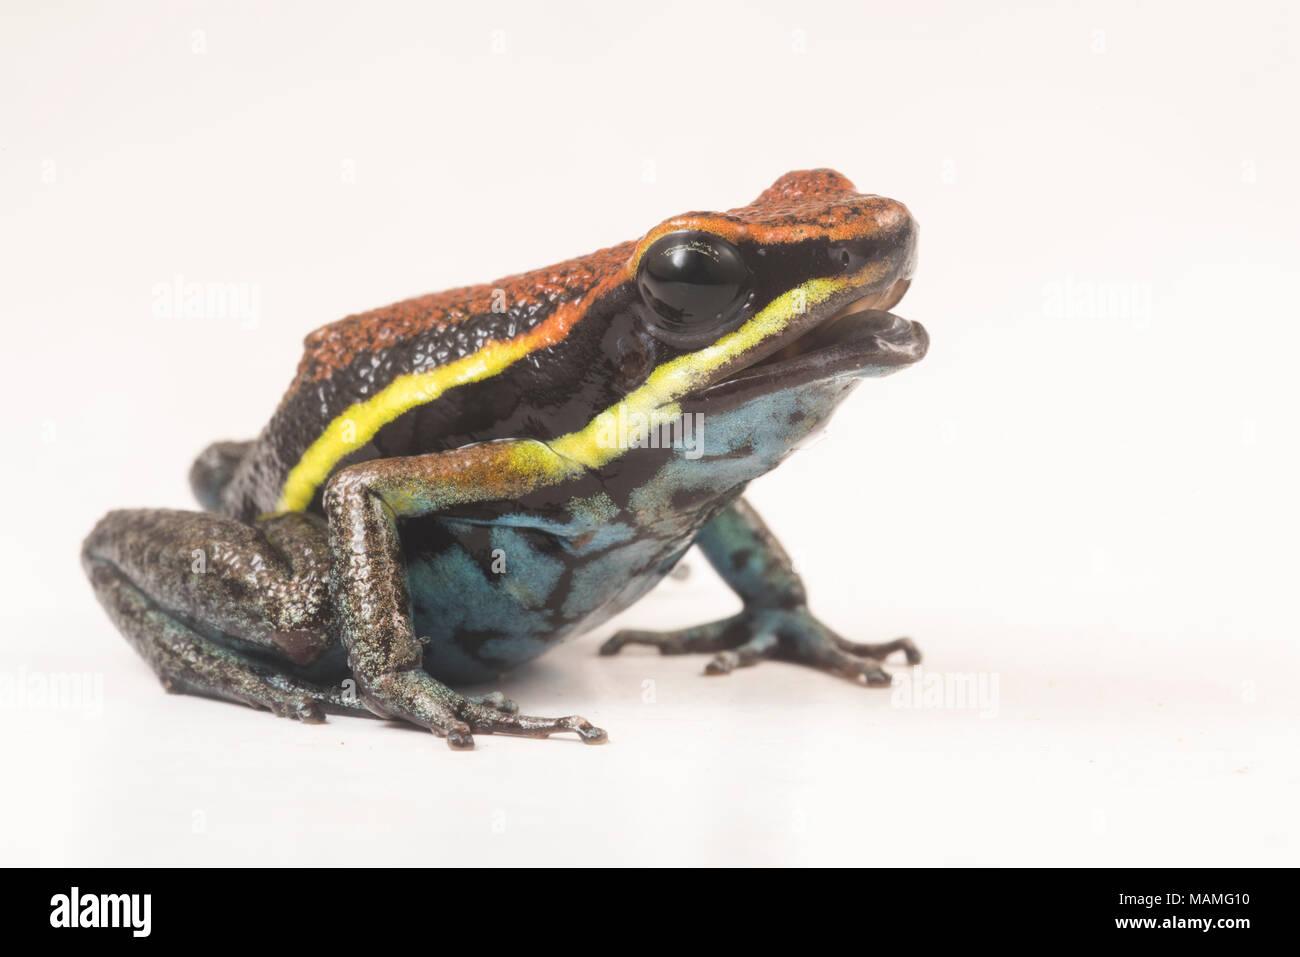 Il veleno cainarachi frog (Ameerega cainarachi) così chiamato perché si trova solo nella valle del Cainarachi del Perù. Qui illustrato nella foto in bianco. Immagini Stock